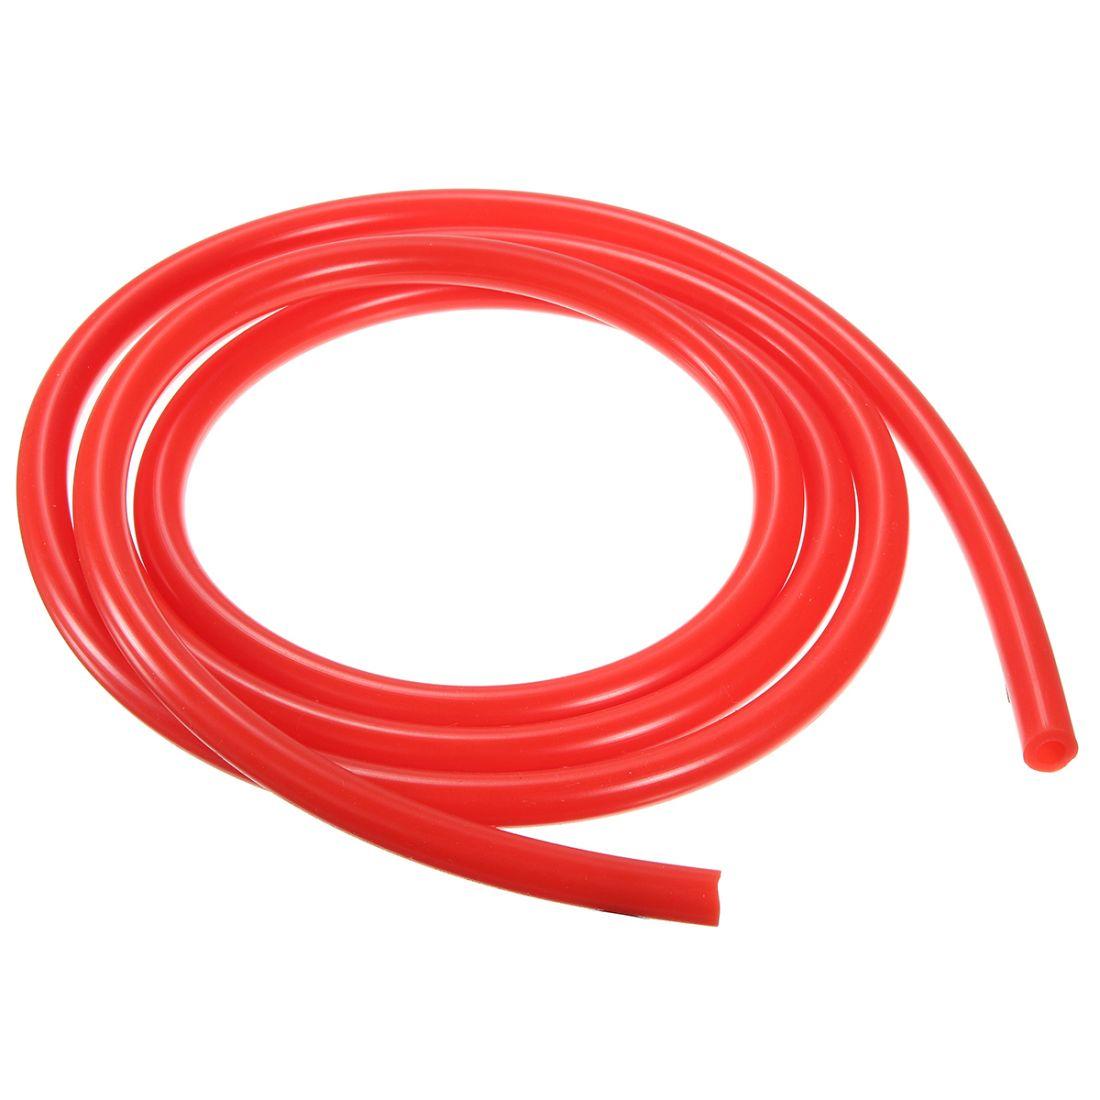 Шланг ПВХ, повышенной жесткости, 12*8 мм, бухта 50 метров, красный